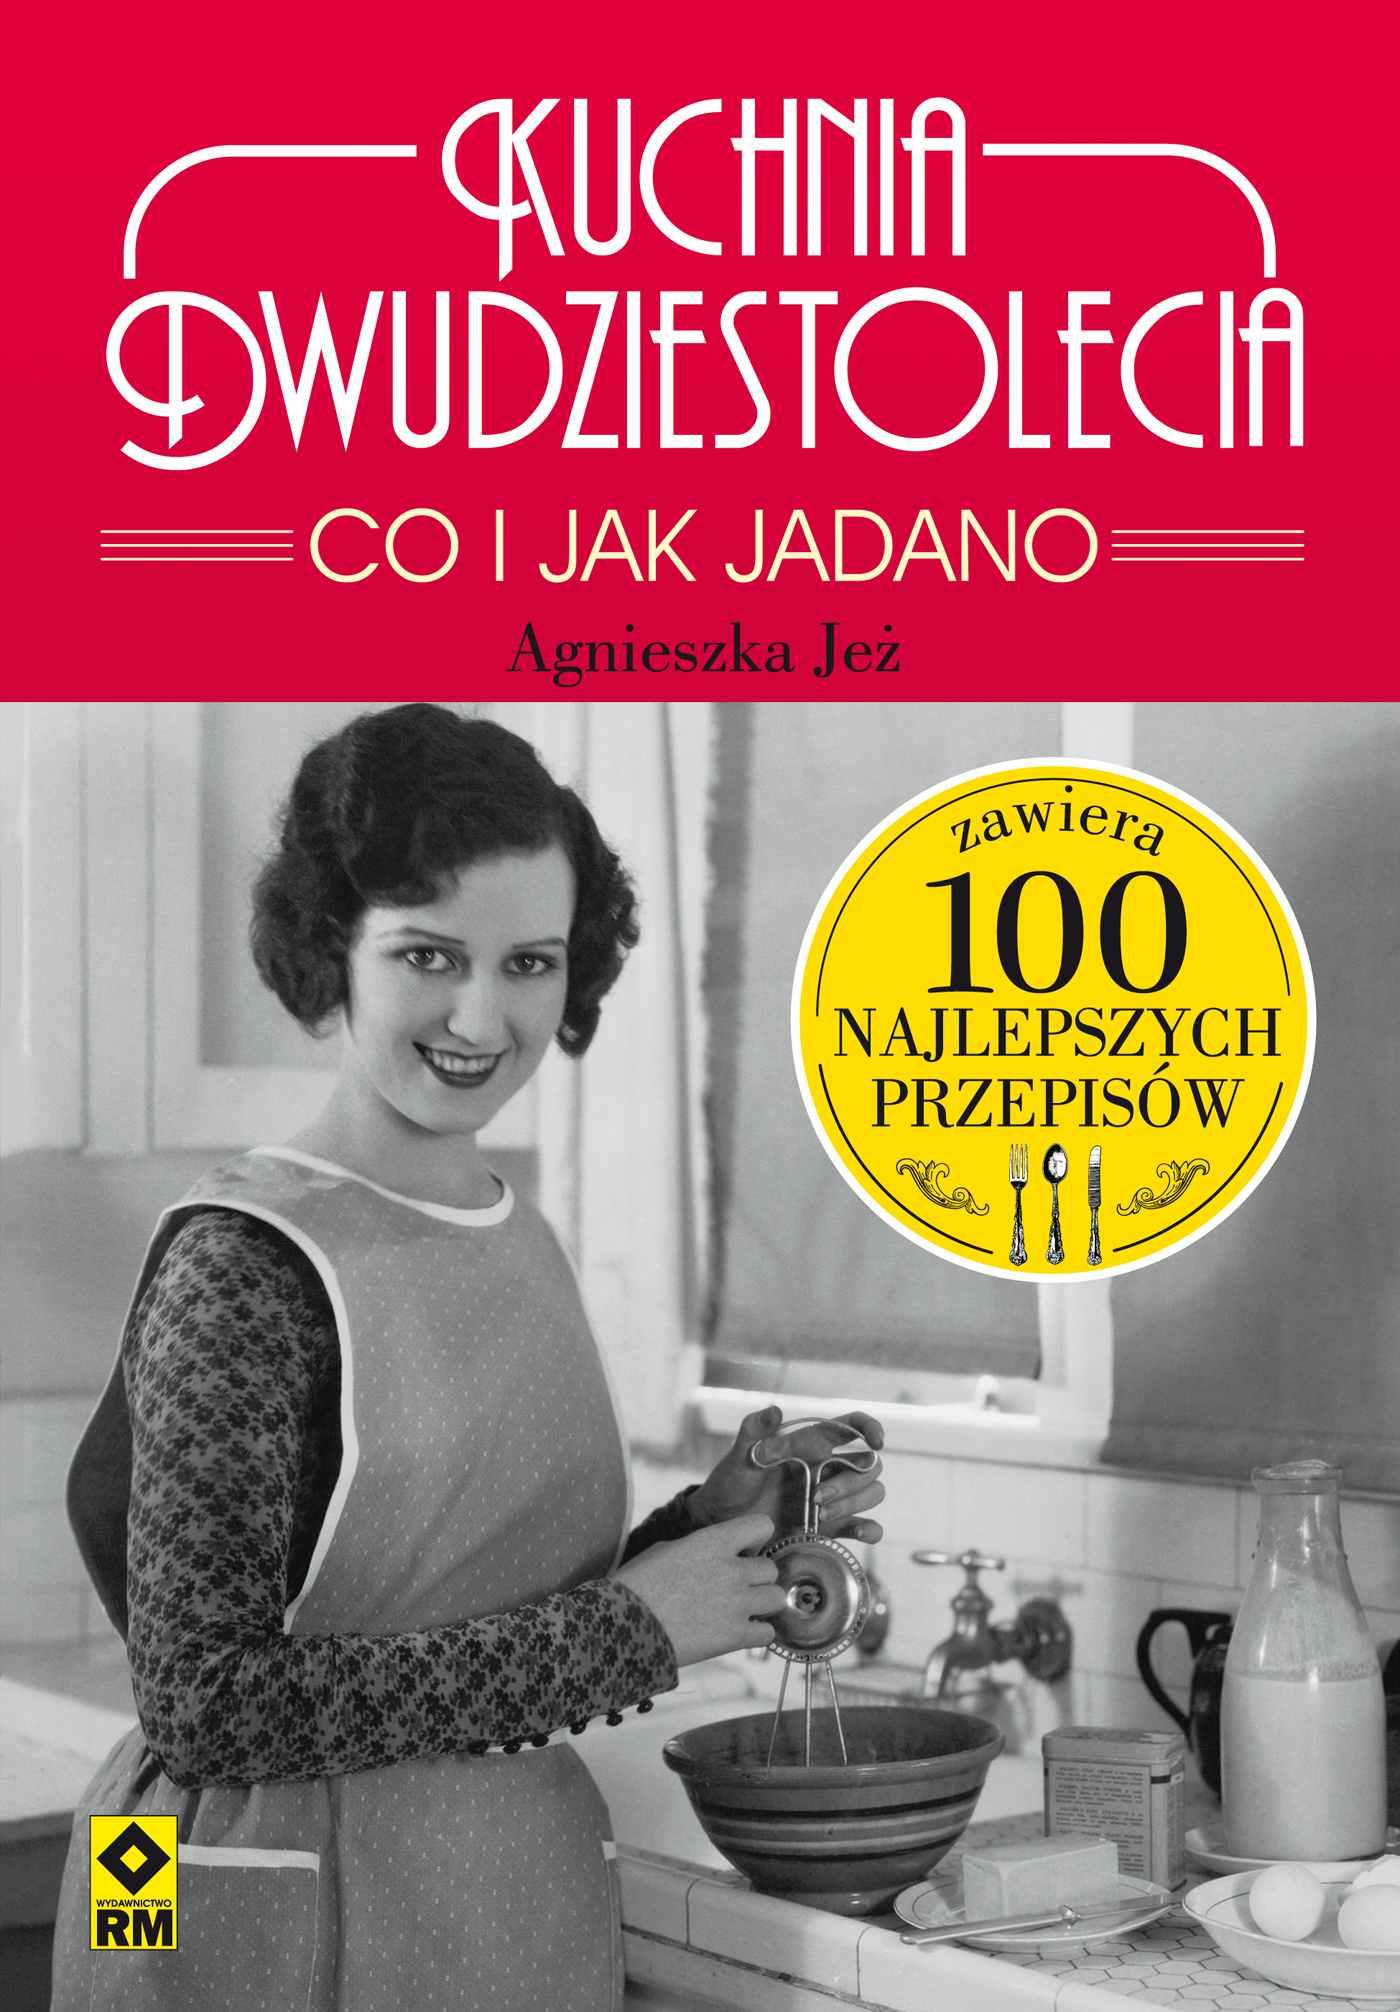 Kuchnia dwudziestolecia. Co ijak jadano - Ebook (Książka na Kindle) do pobrania w formacie MOBI